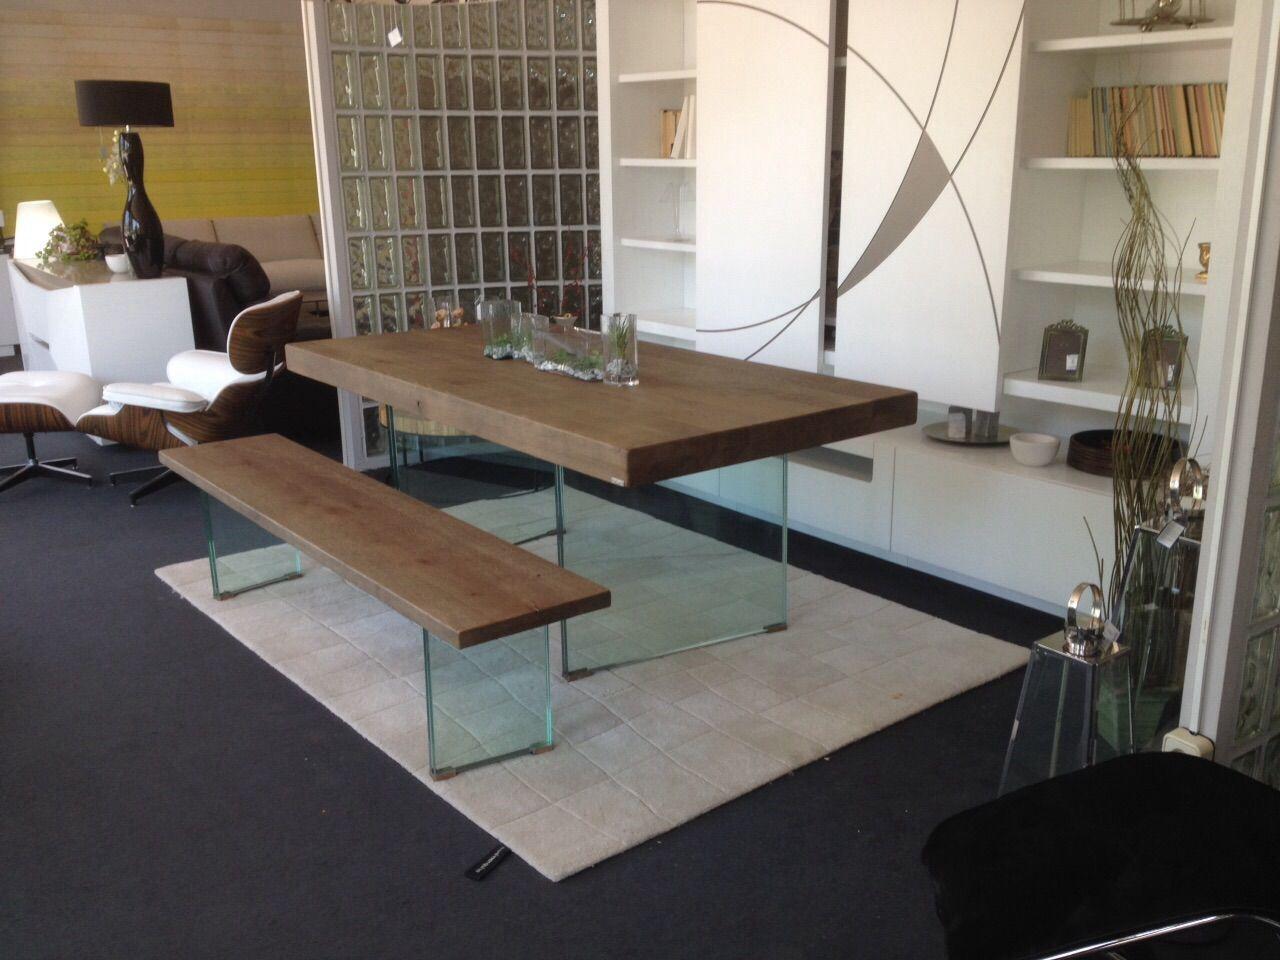 Mesa comedor con bancos en madera y patas de cristal - Mesa con bancos ...